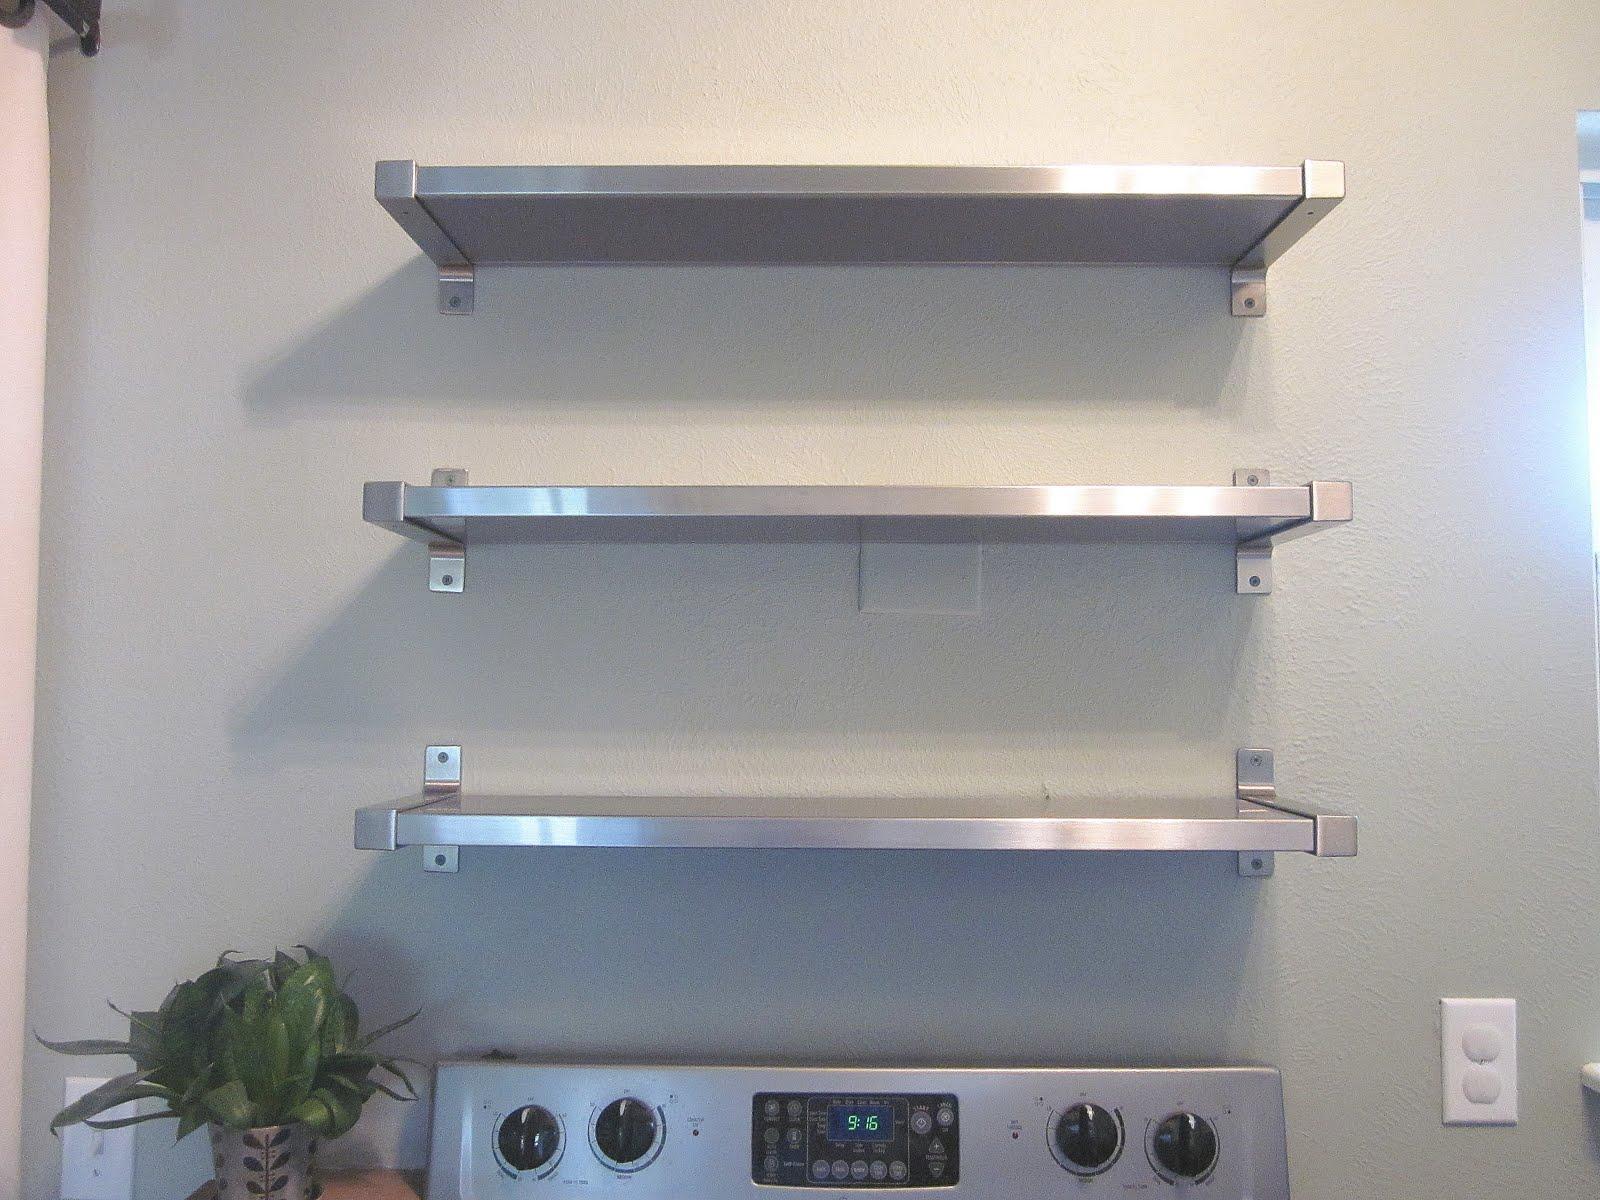 freckles chick ikea insanity kitchen shelves. Black Bedroom Furniture Sets. Home Design Ideas